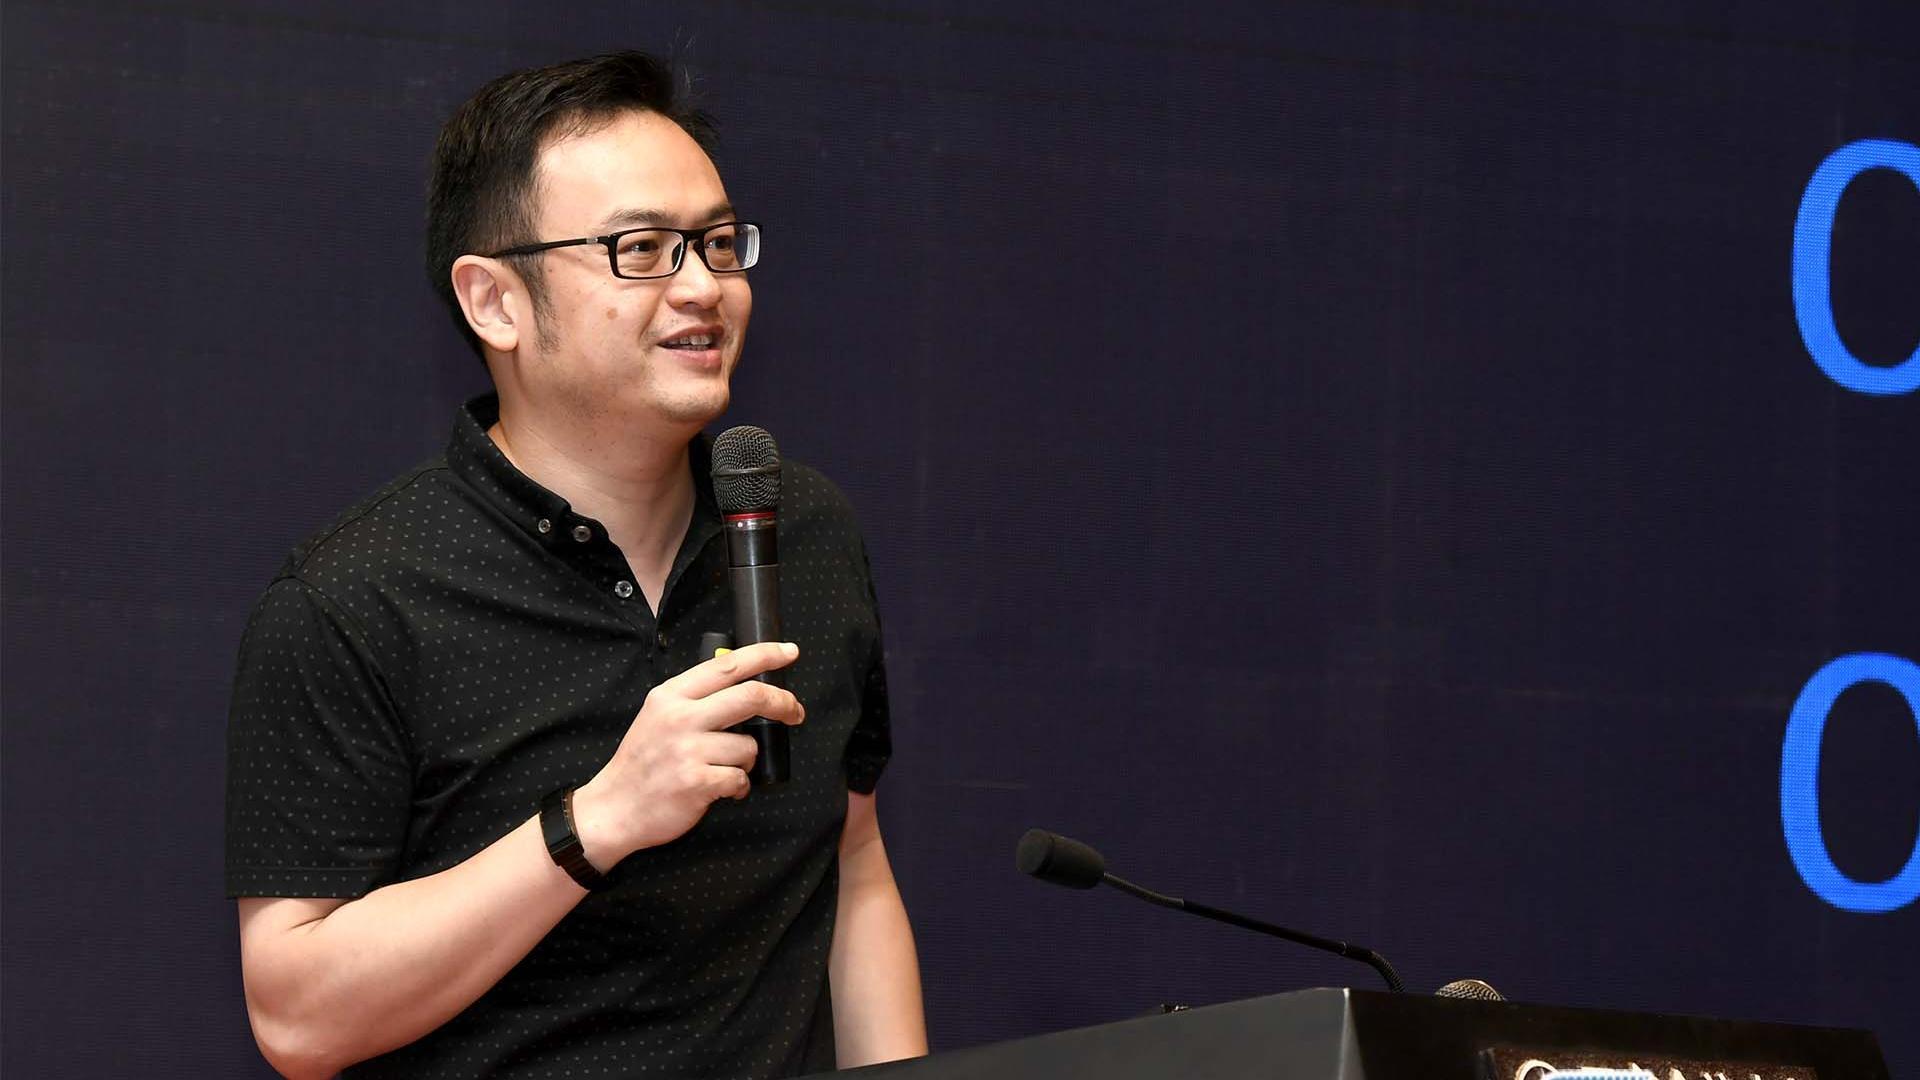 建信金融科技副总裁姜俊发表演讲